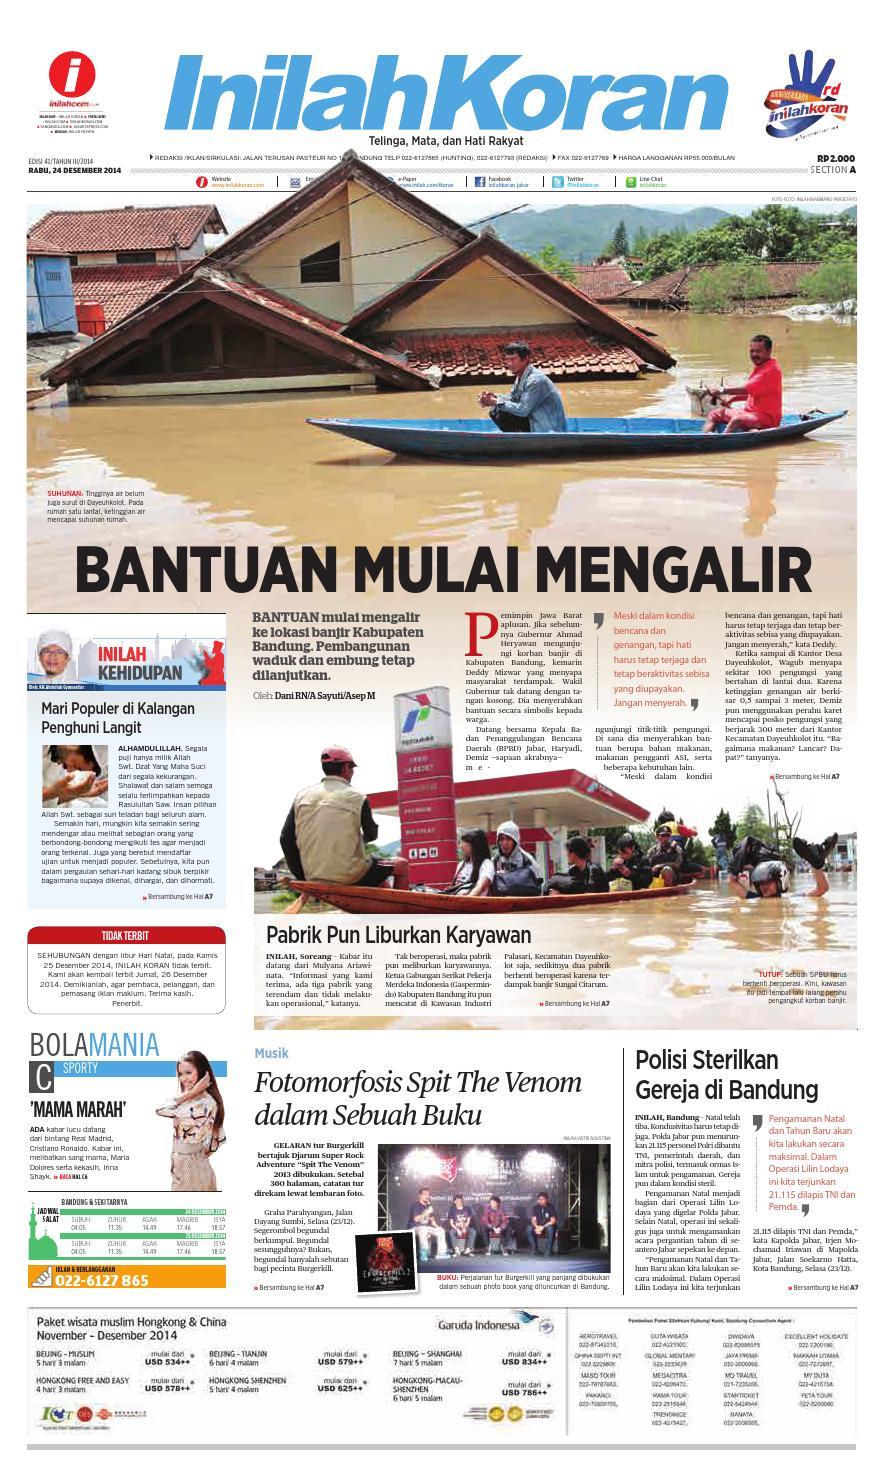 Bantuan Mulai Mengalir By Inilah Koran Issuu Strong Kangen Water Ph 115 Ukuran 1000 Ml Terapi Air Kelas Dunia Indonesia